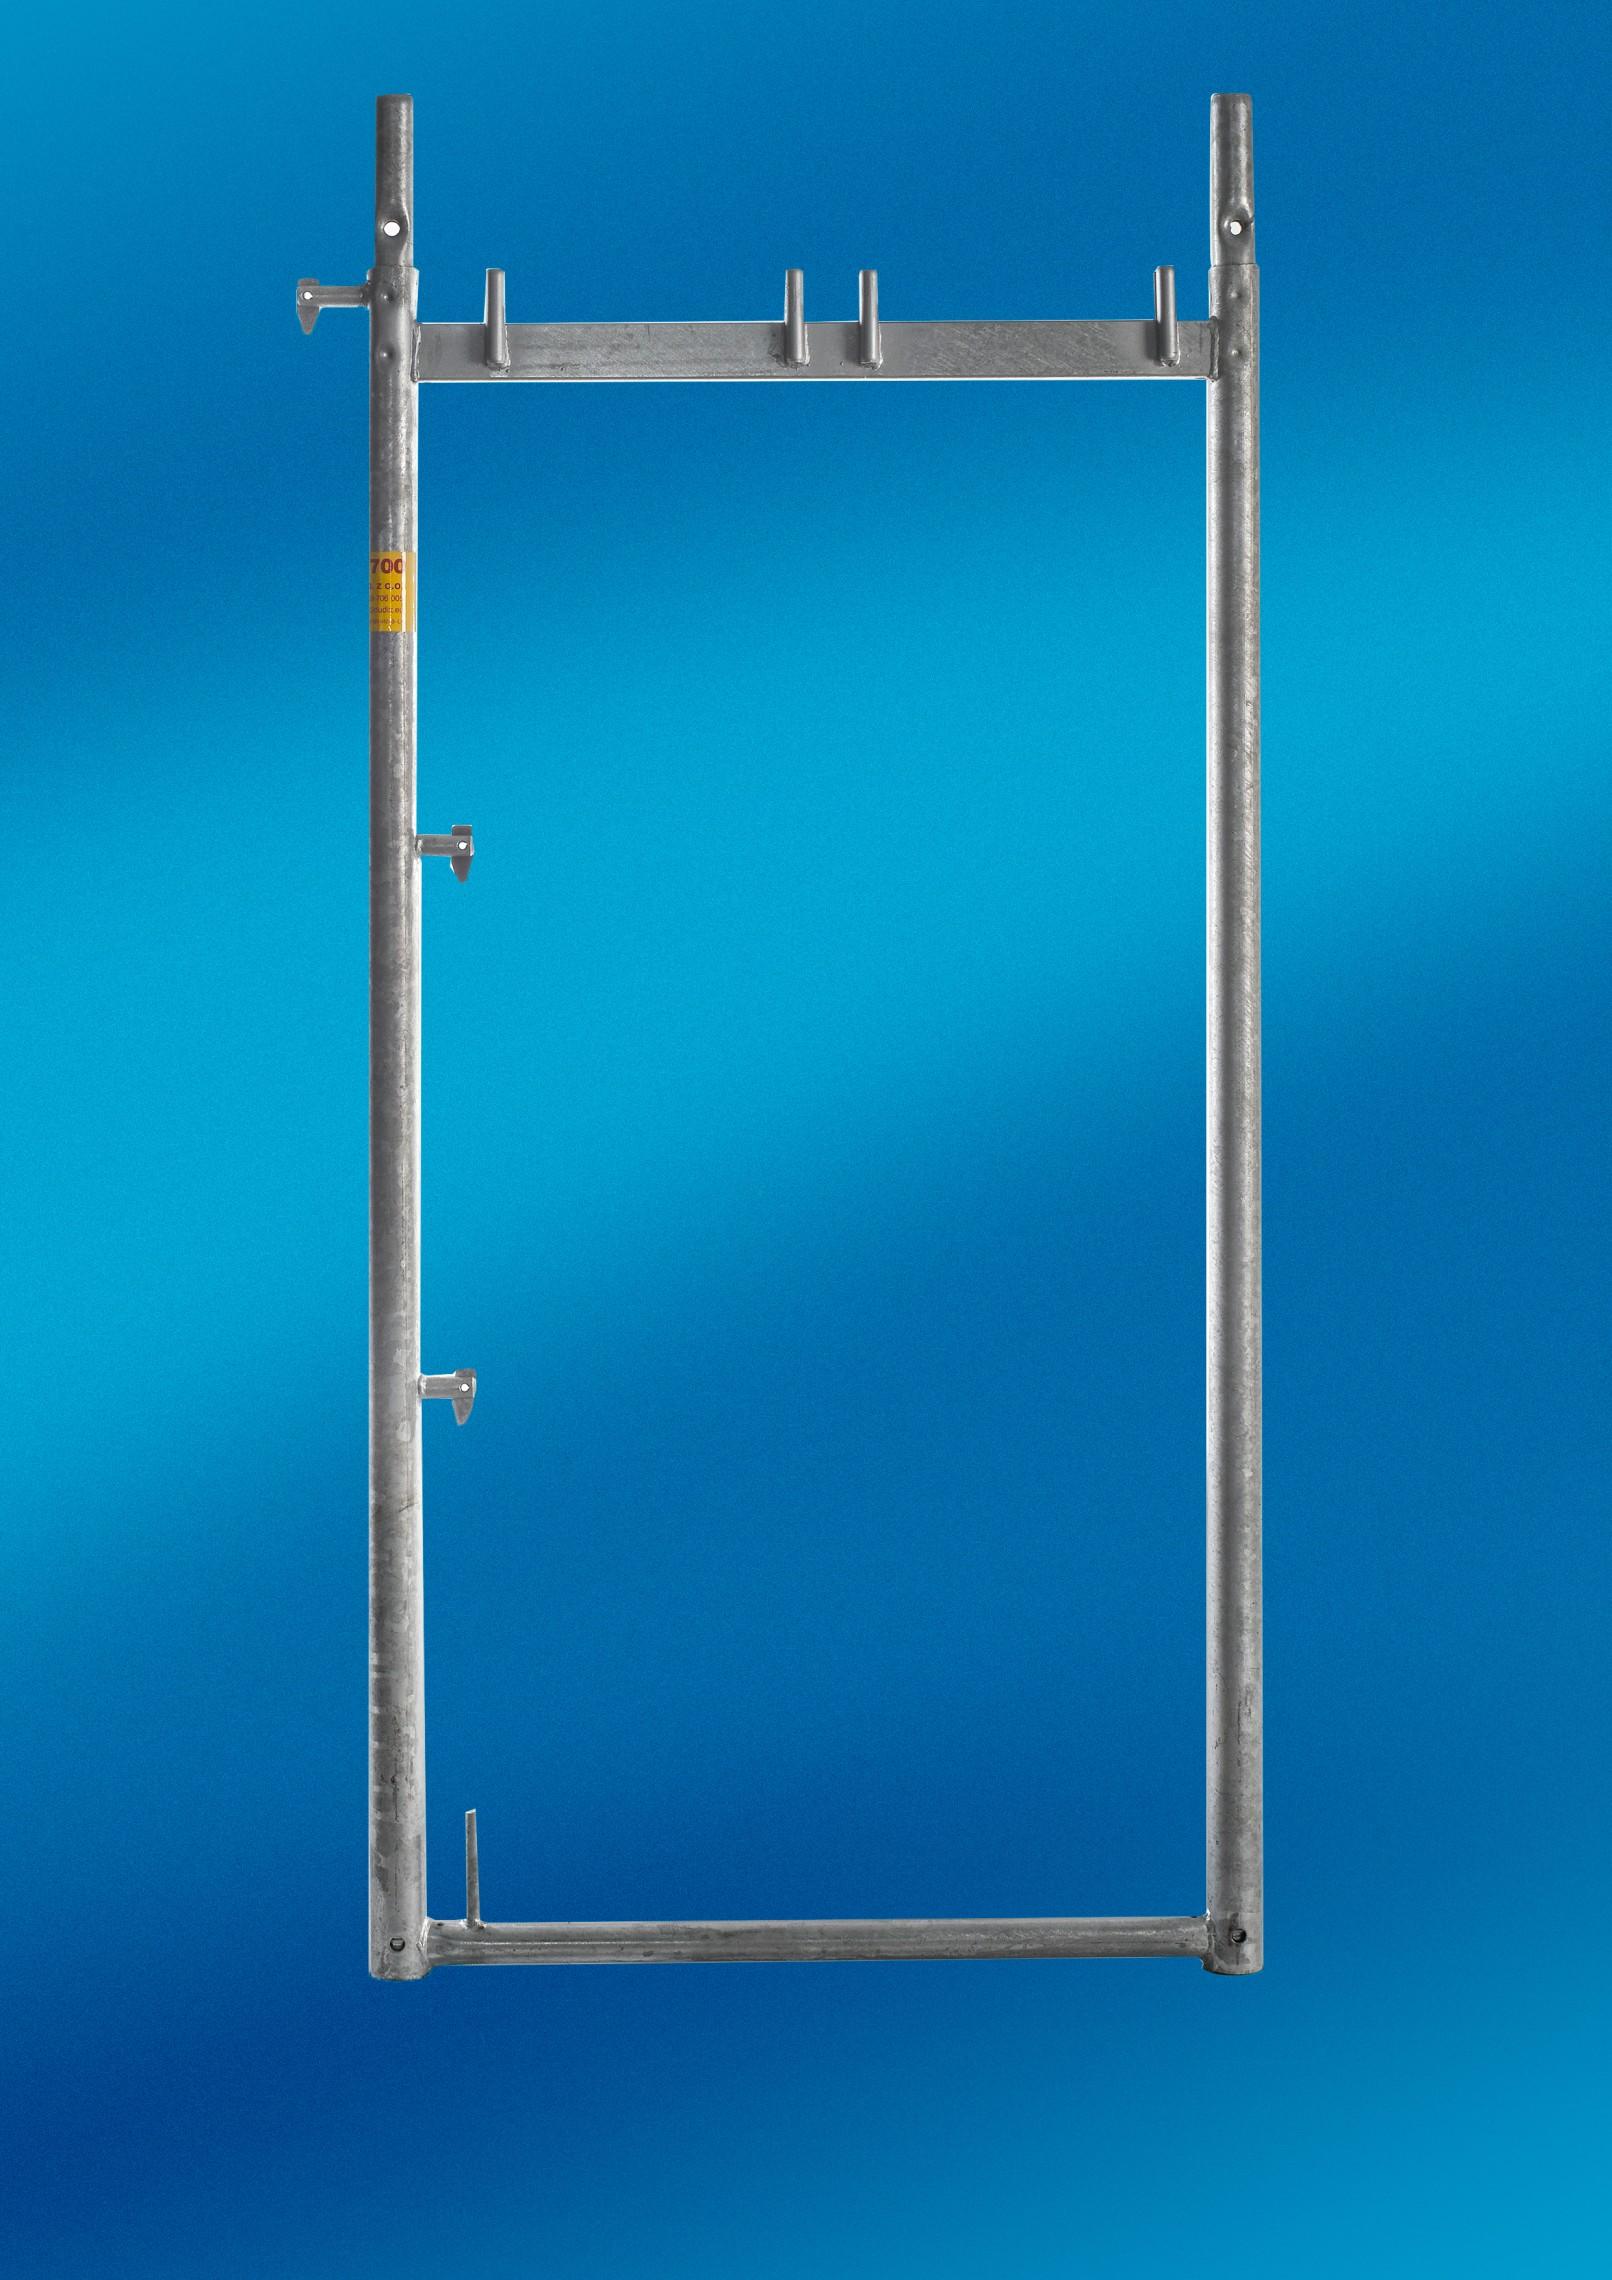 03 -RAMA STALOWA 1,5m SYSTEM700 - 1,50mx0,74m